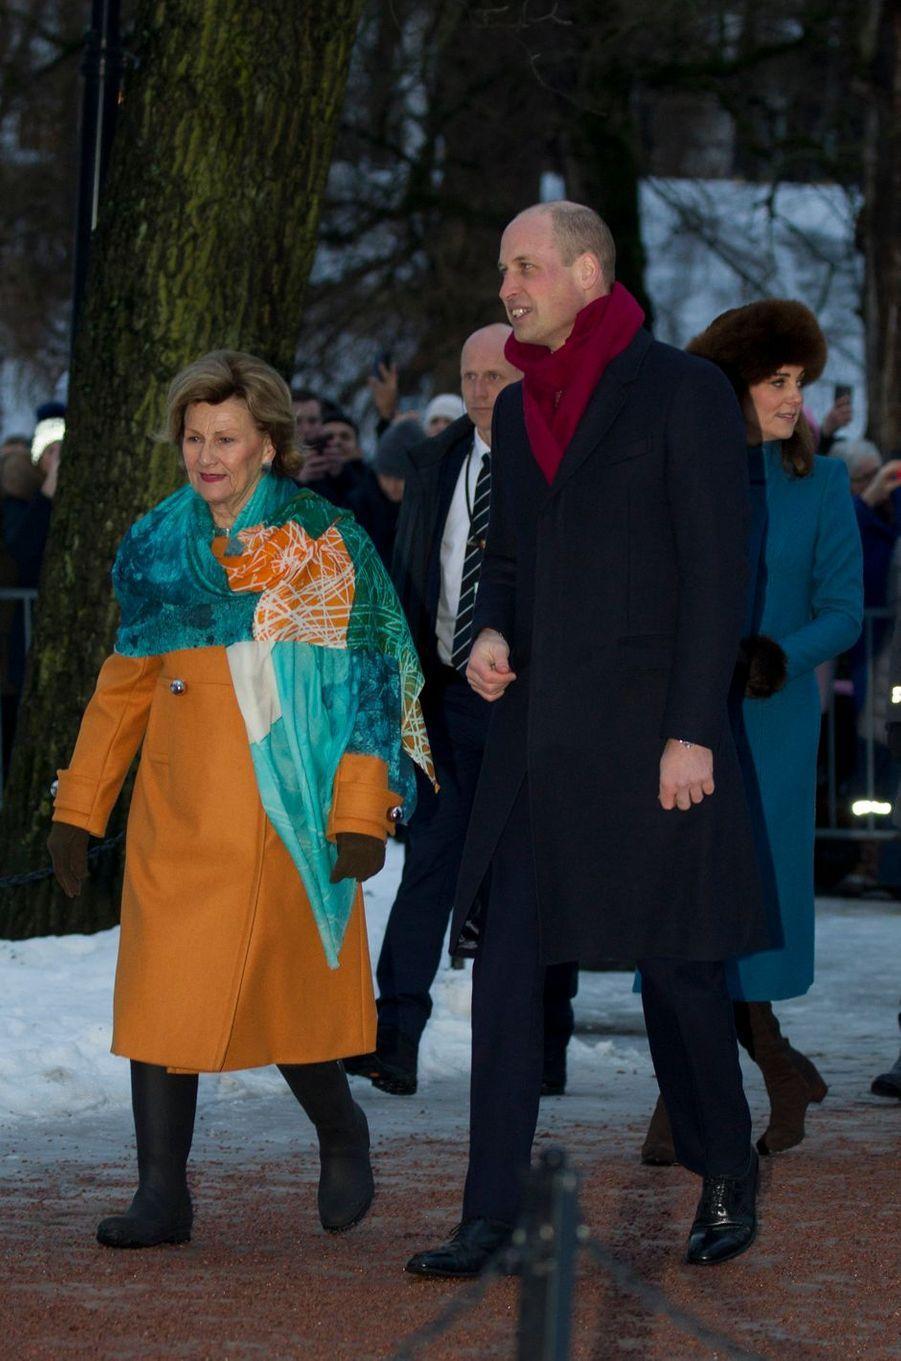 La duchesse de Cambridge et le prince William avec la reine Sonja de Norvège à Oslo, le 1er février 2018